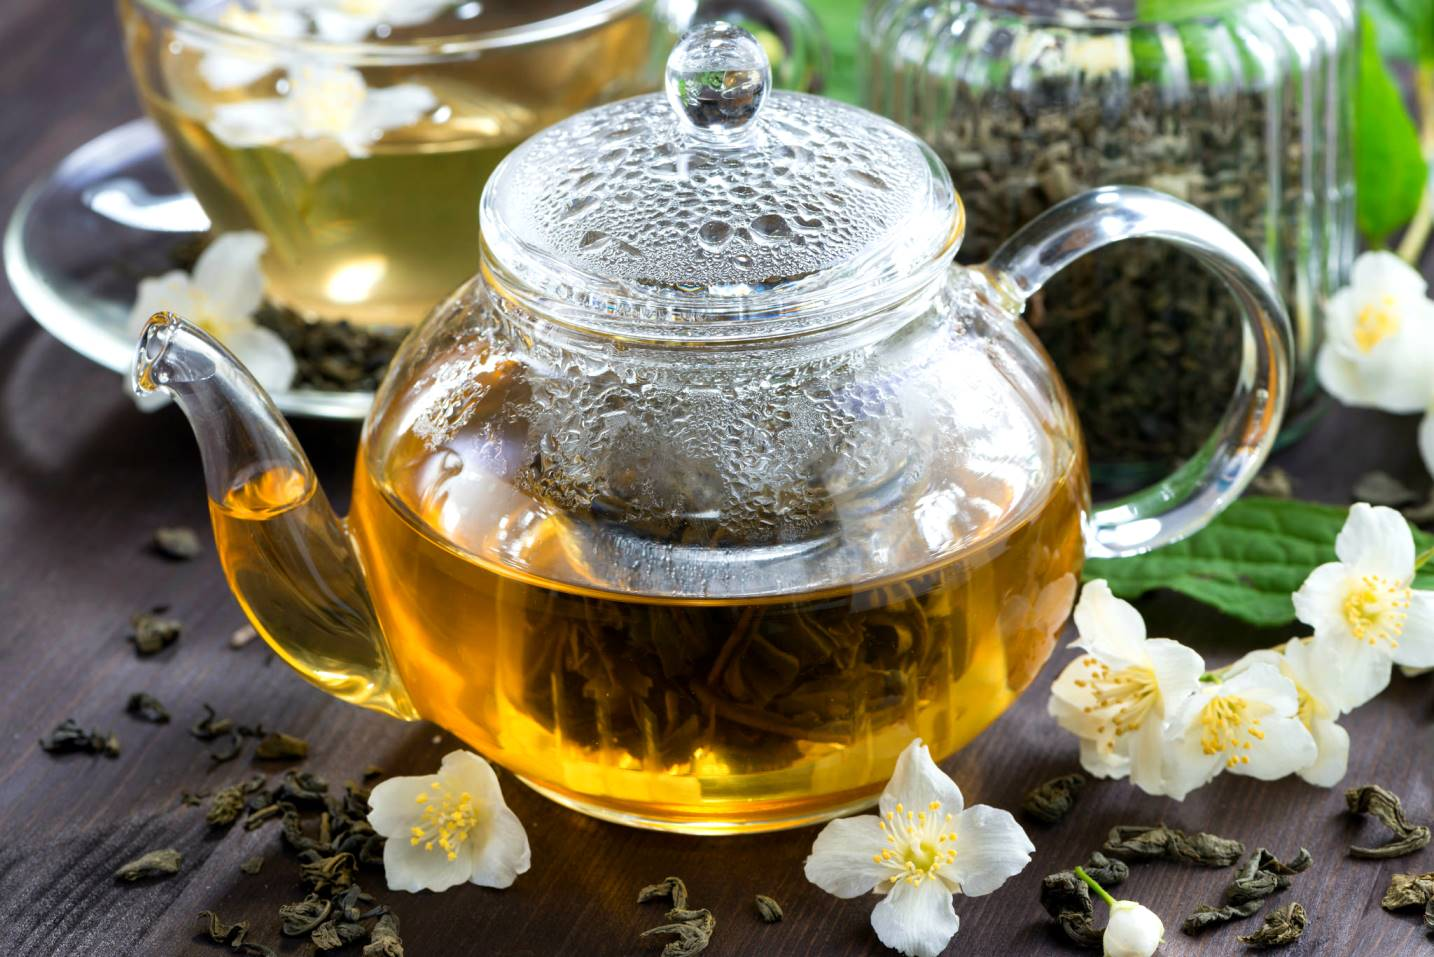 Чай с жасмином: заваривание, польза и вред, отзывы